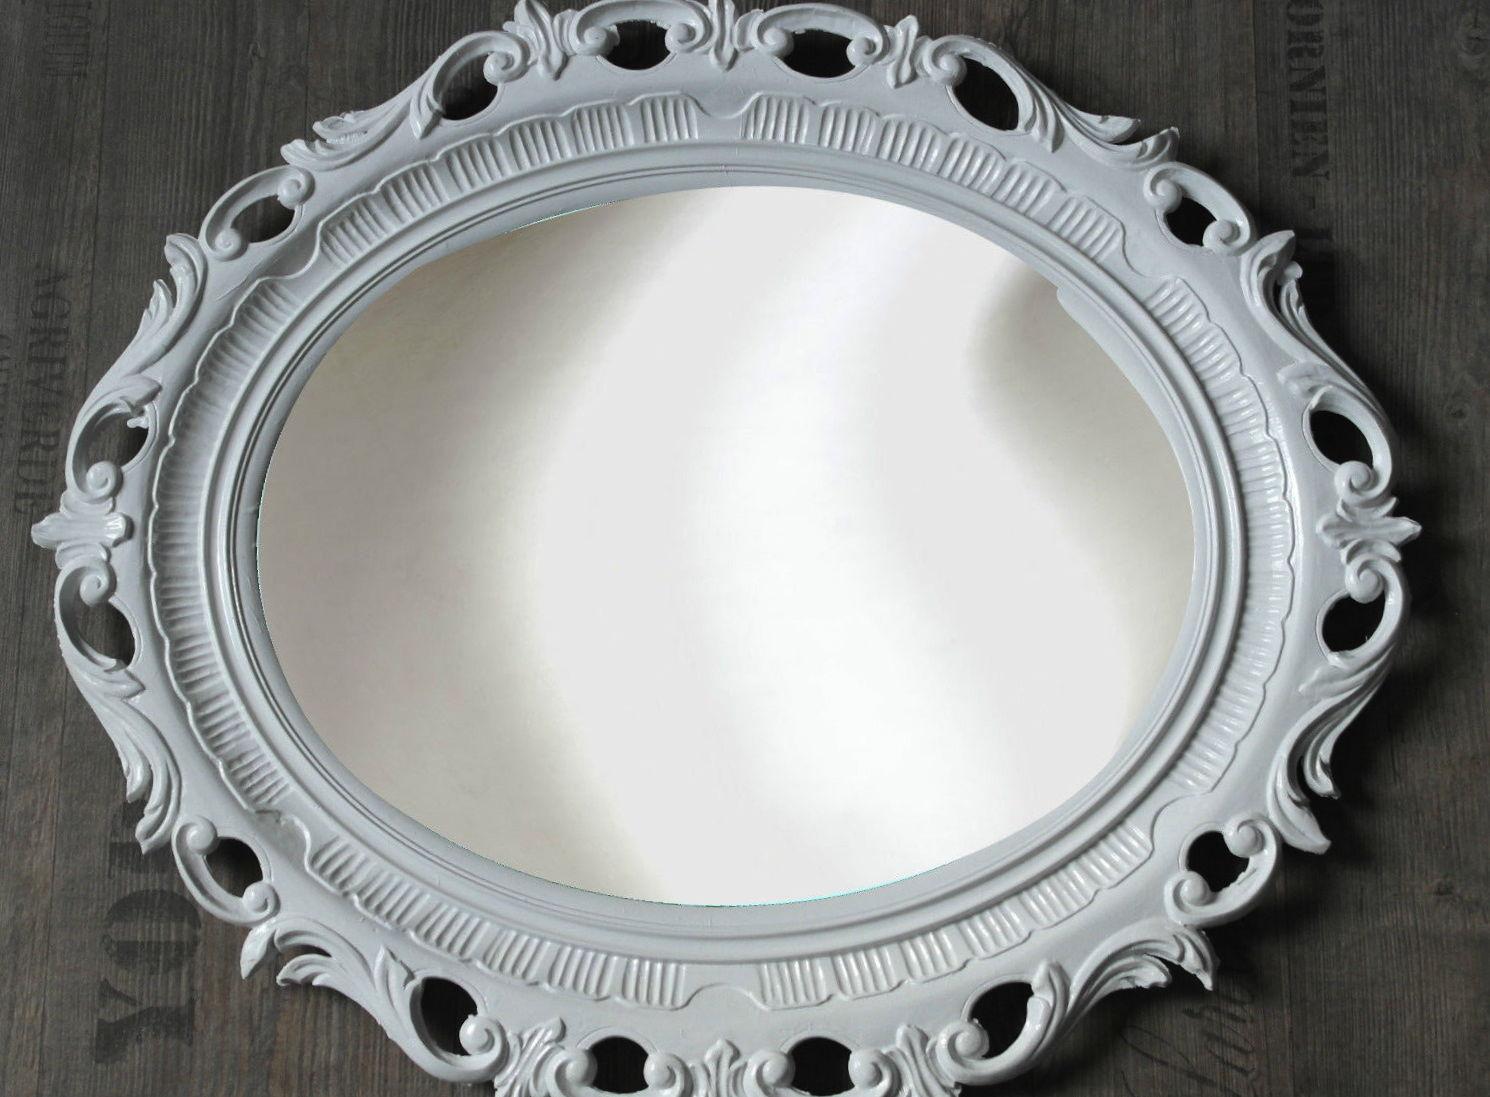 Bilderrahmen Weiß Oval Barock Groß Fotorahmen Antik 58x68 ...